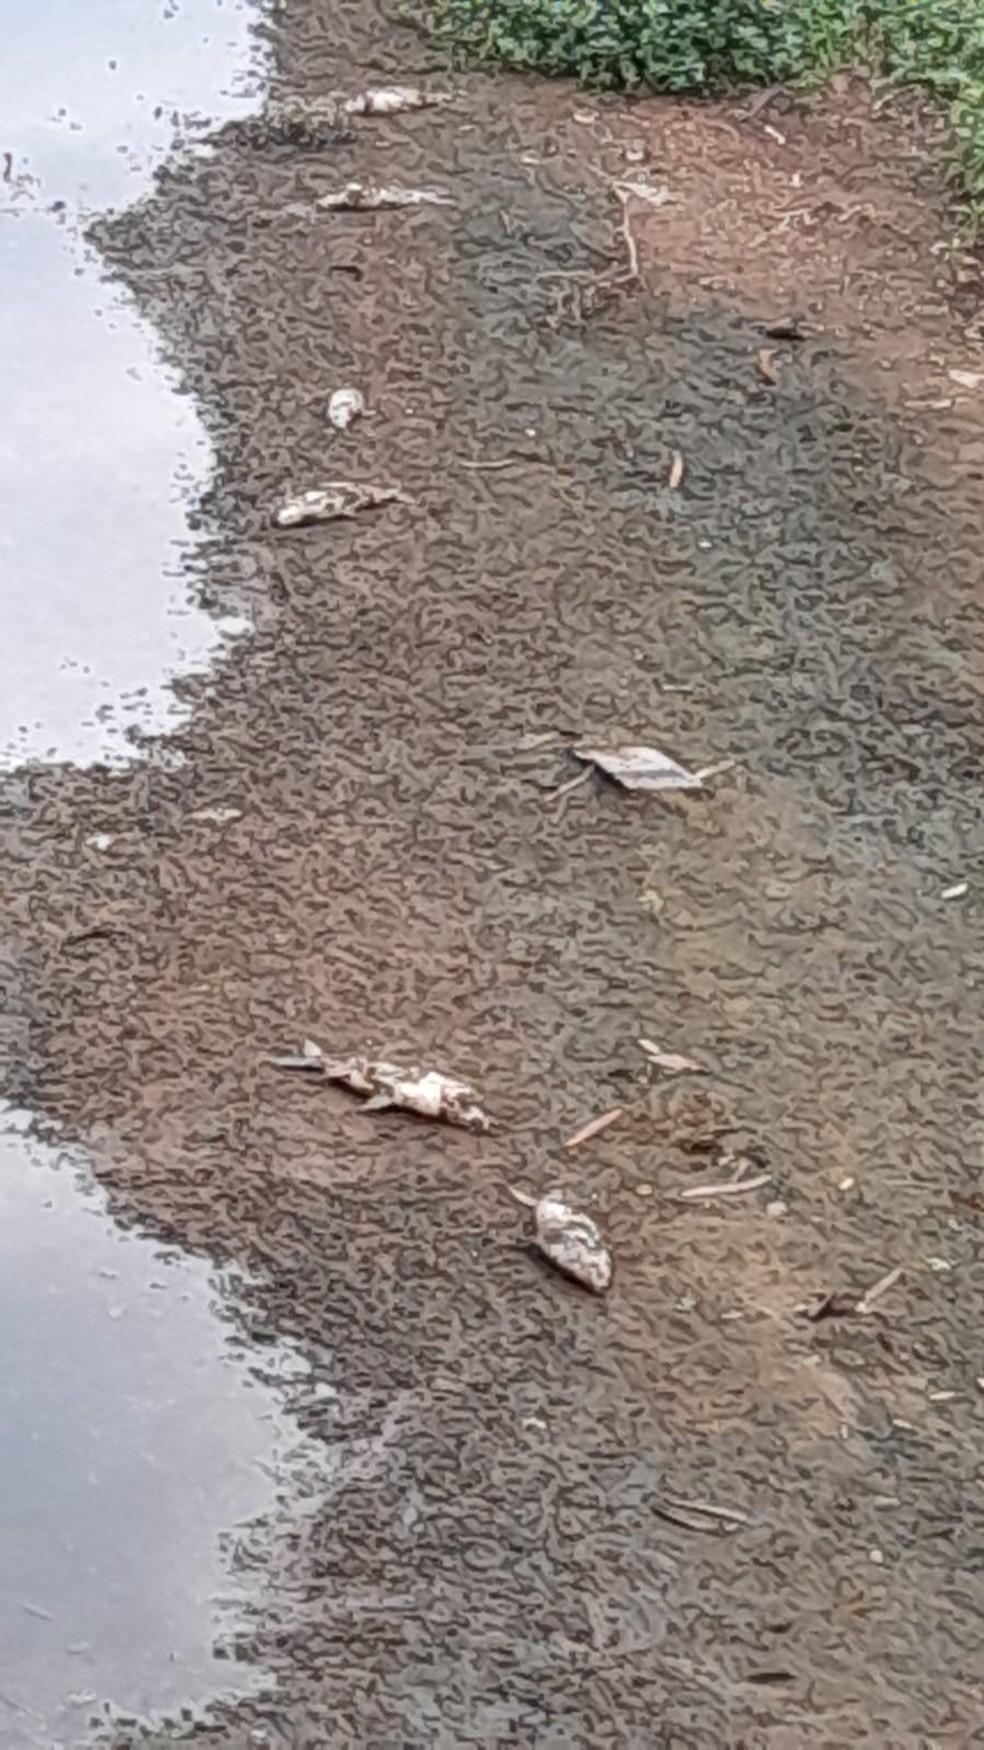 Moradores encontram peixes mortos boiando no Rio Sorocaba — Foto: Arquivo pessoal